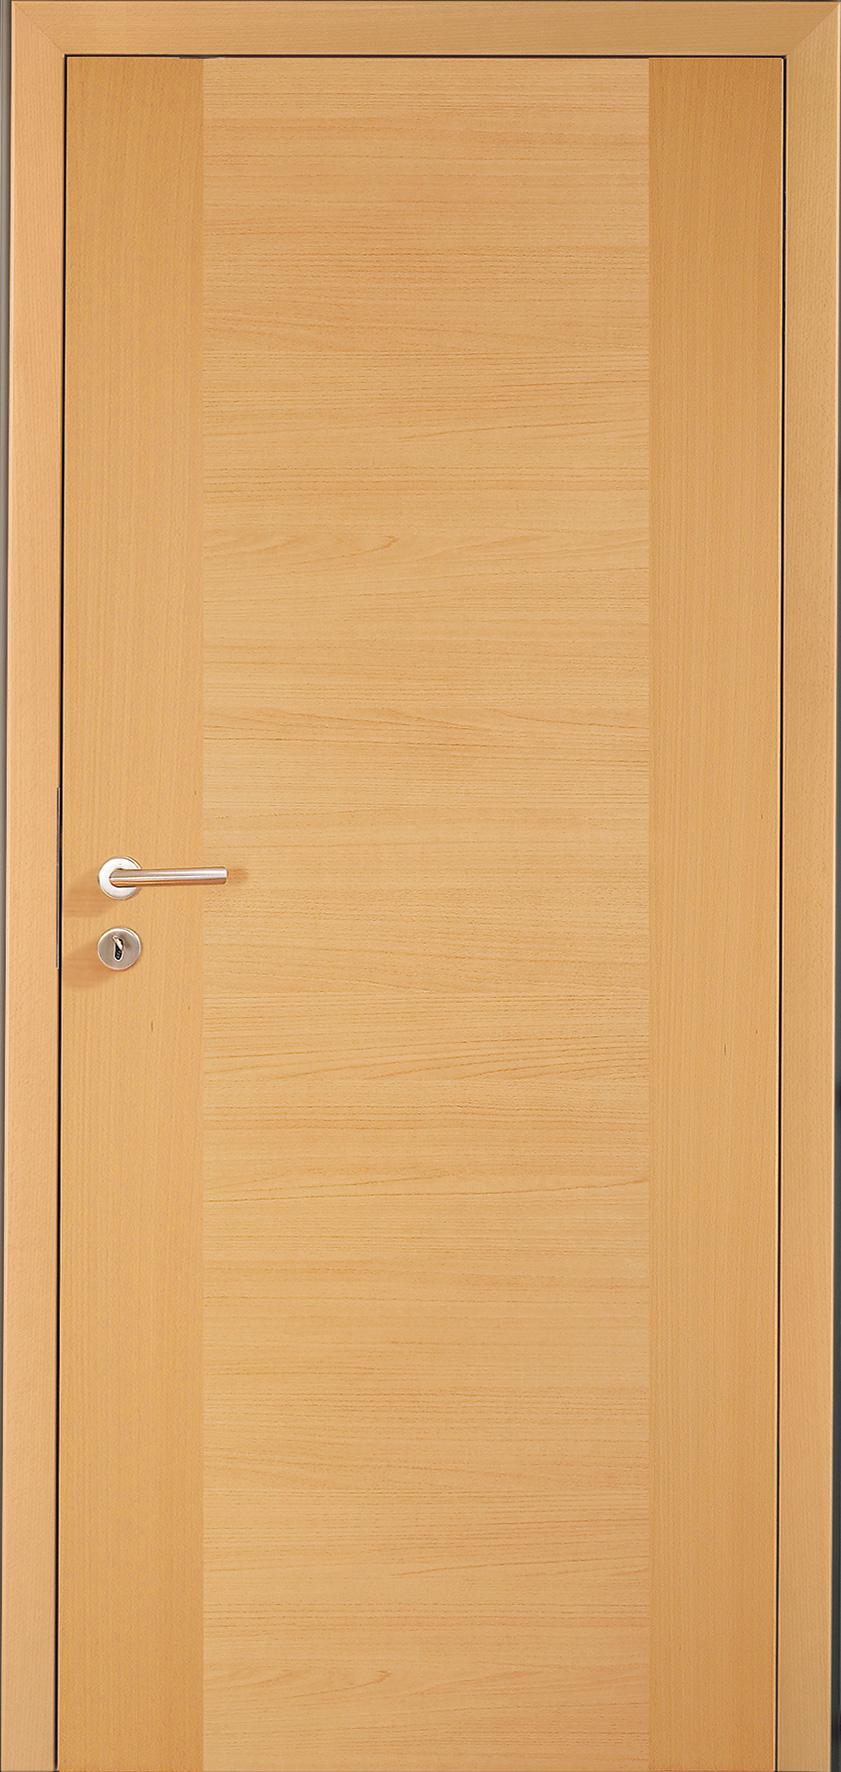 Holzinnentüren  Holz Innentüren von Herholz | herholz.de